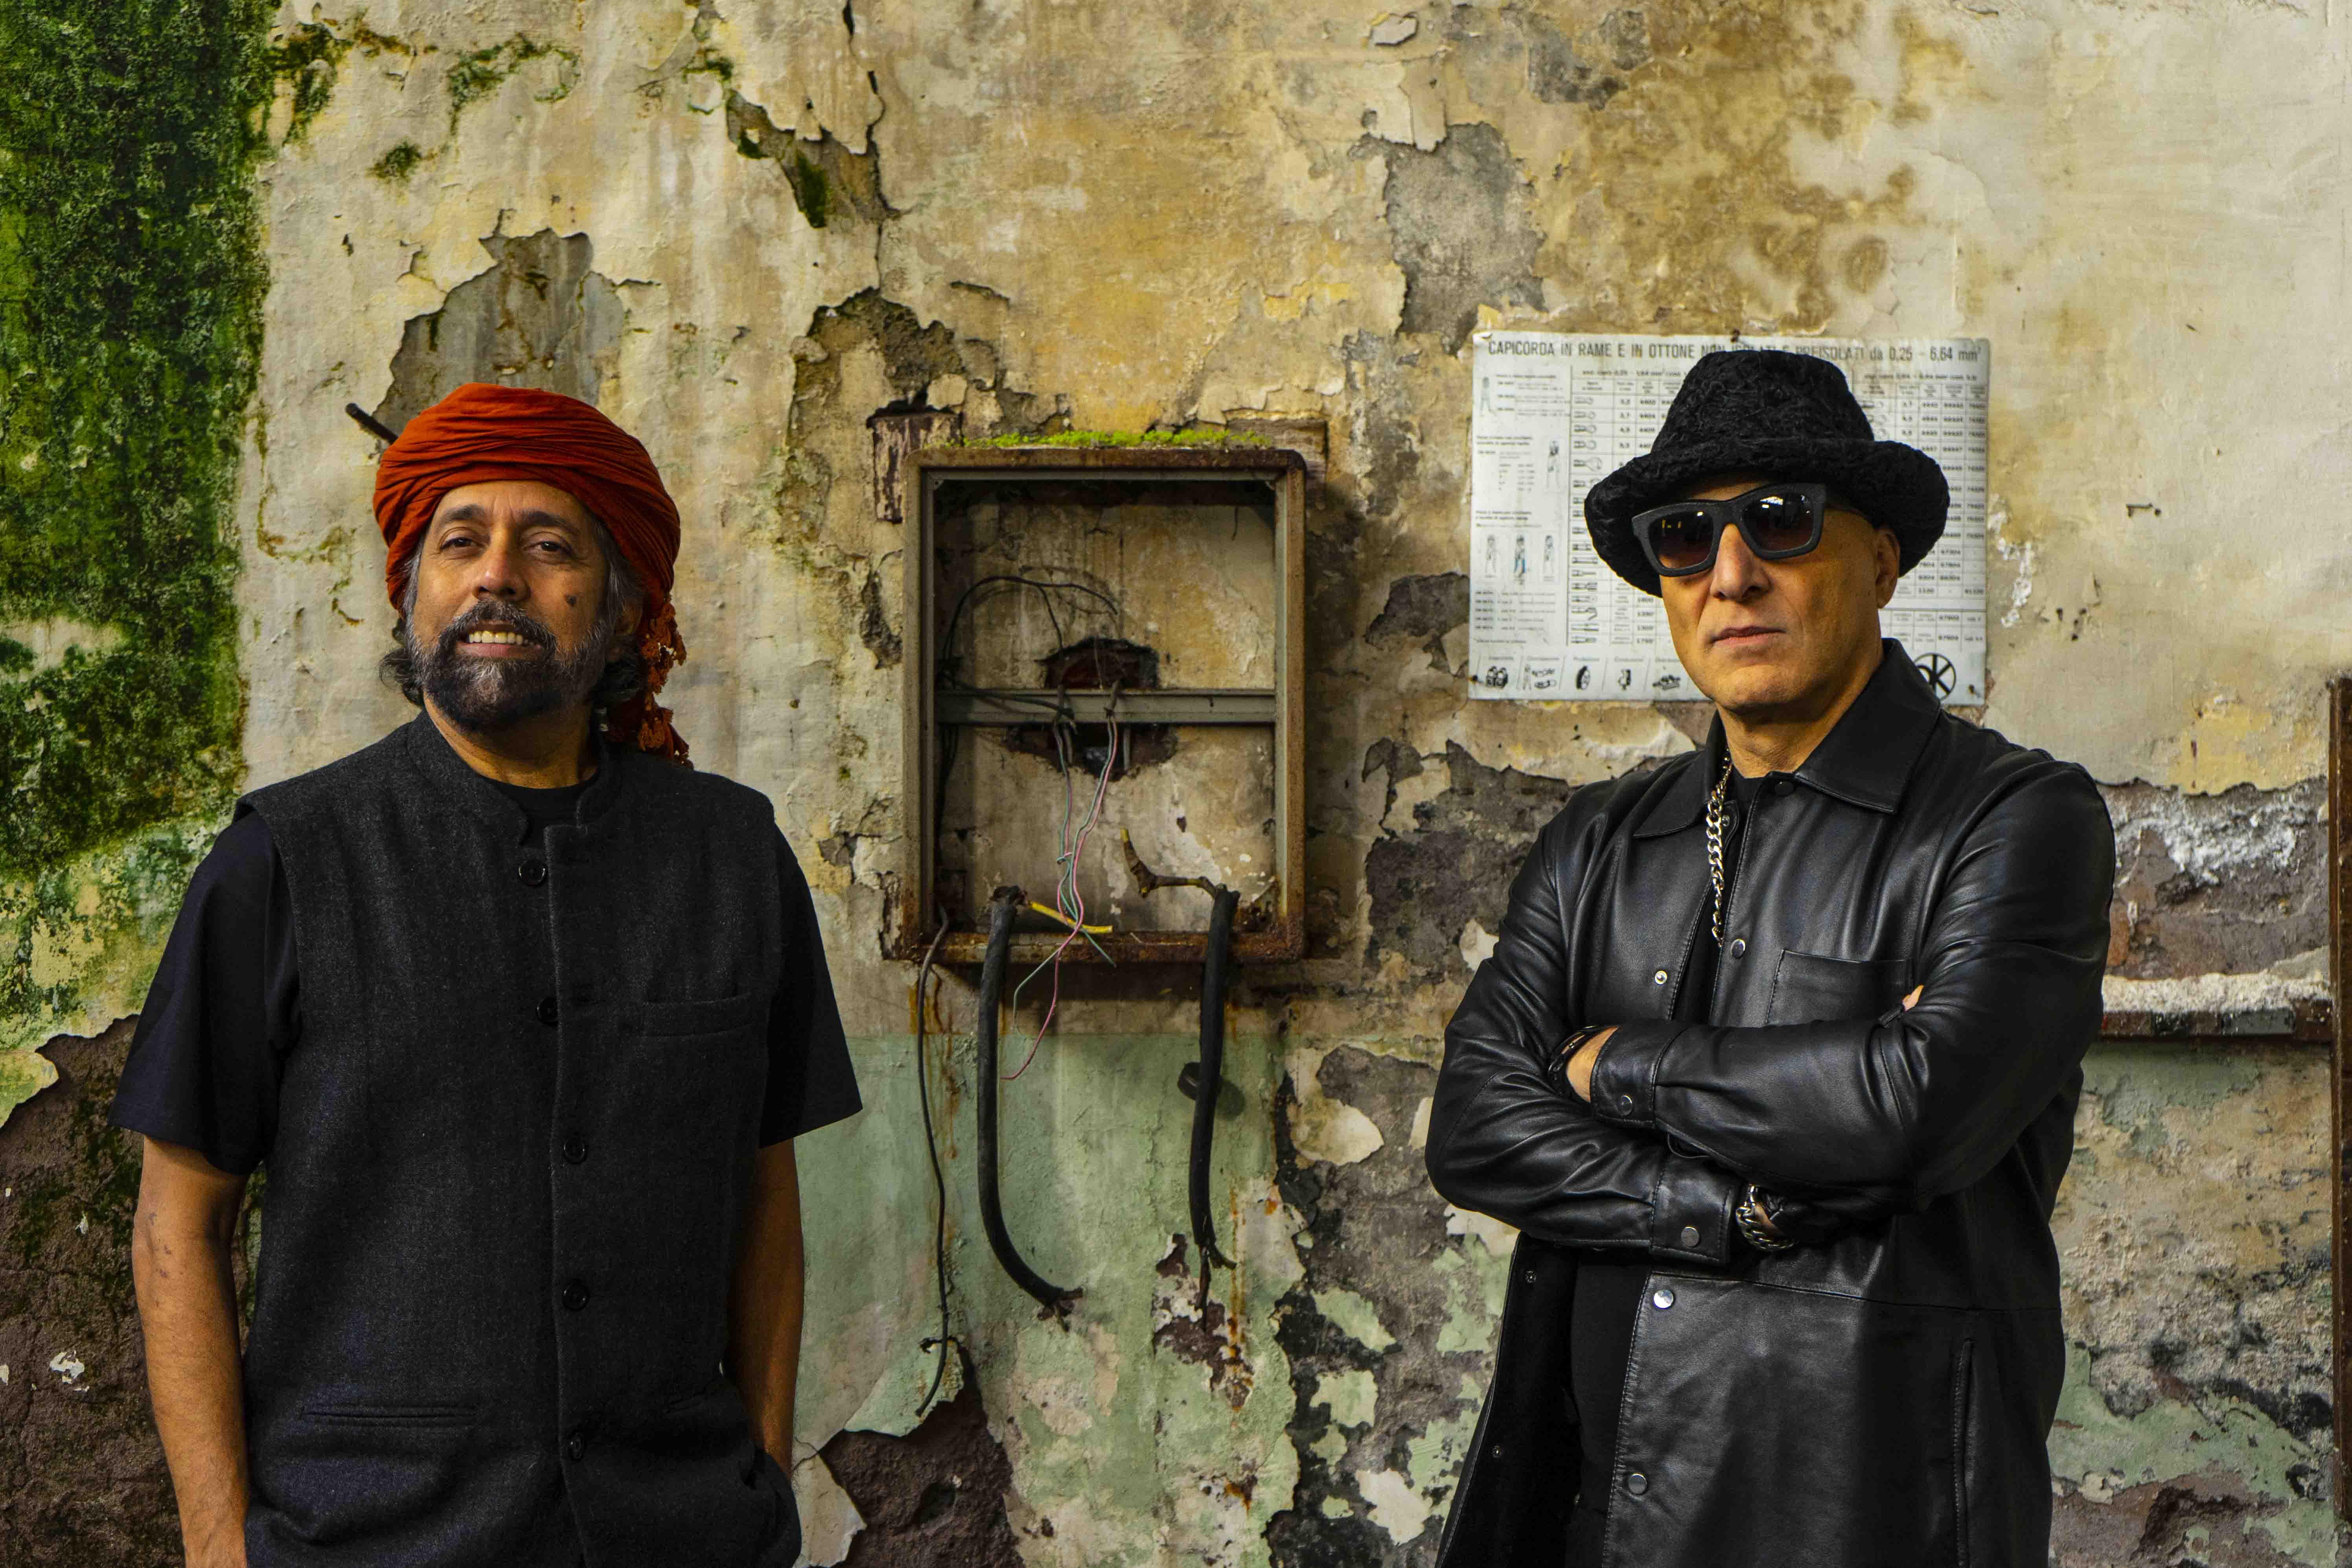 Indianapolix (foto di Lucas Begendi e Luca Valentino) (2)